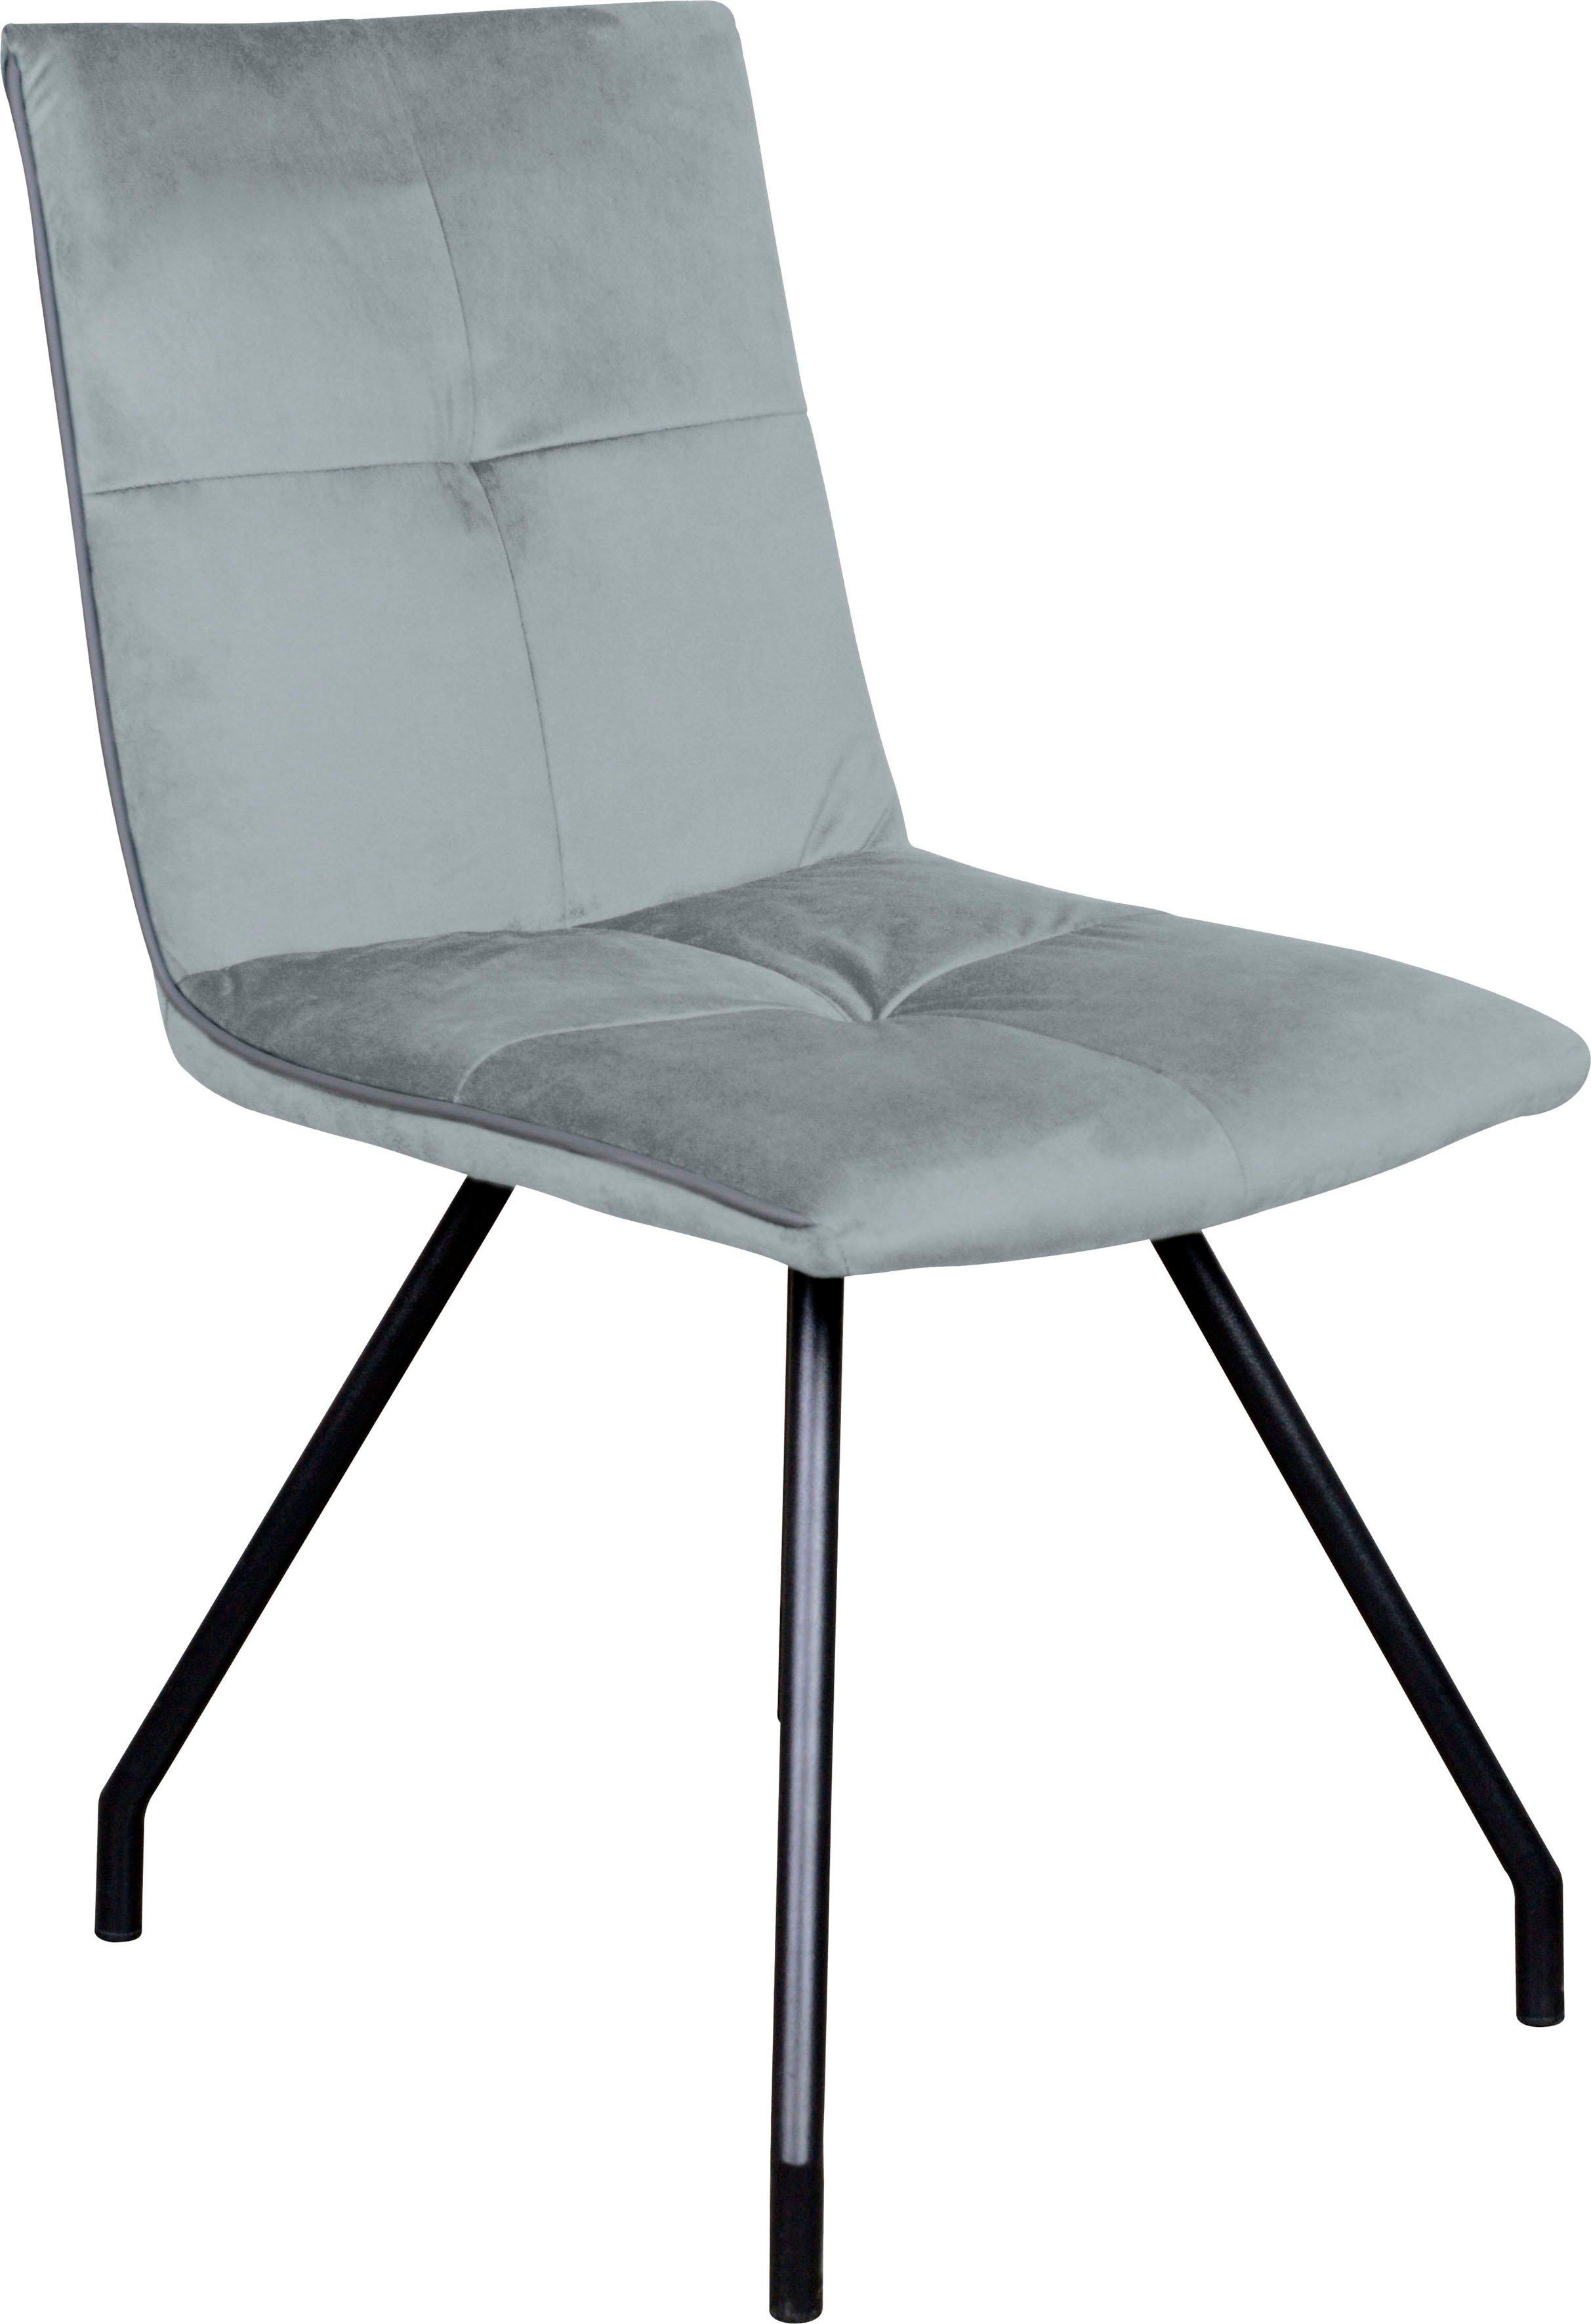 Kayoom stoel Eaden 125 - verschillende betaalmethodes